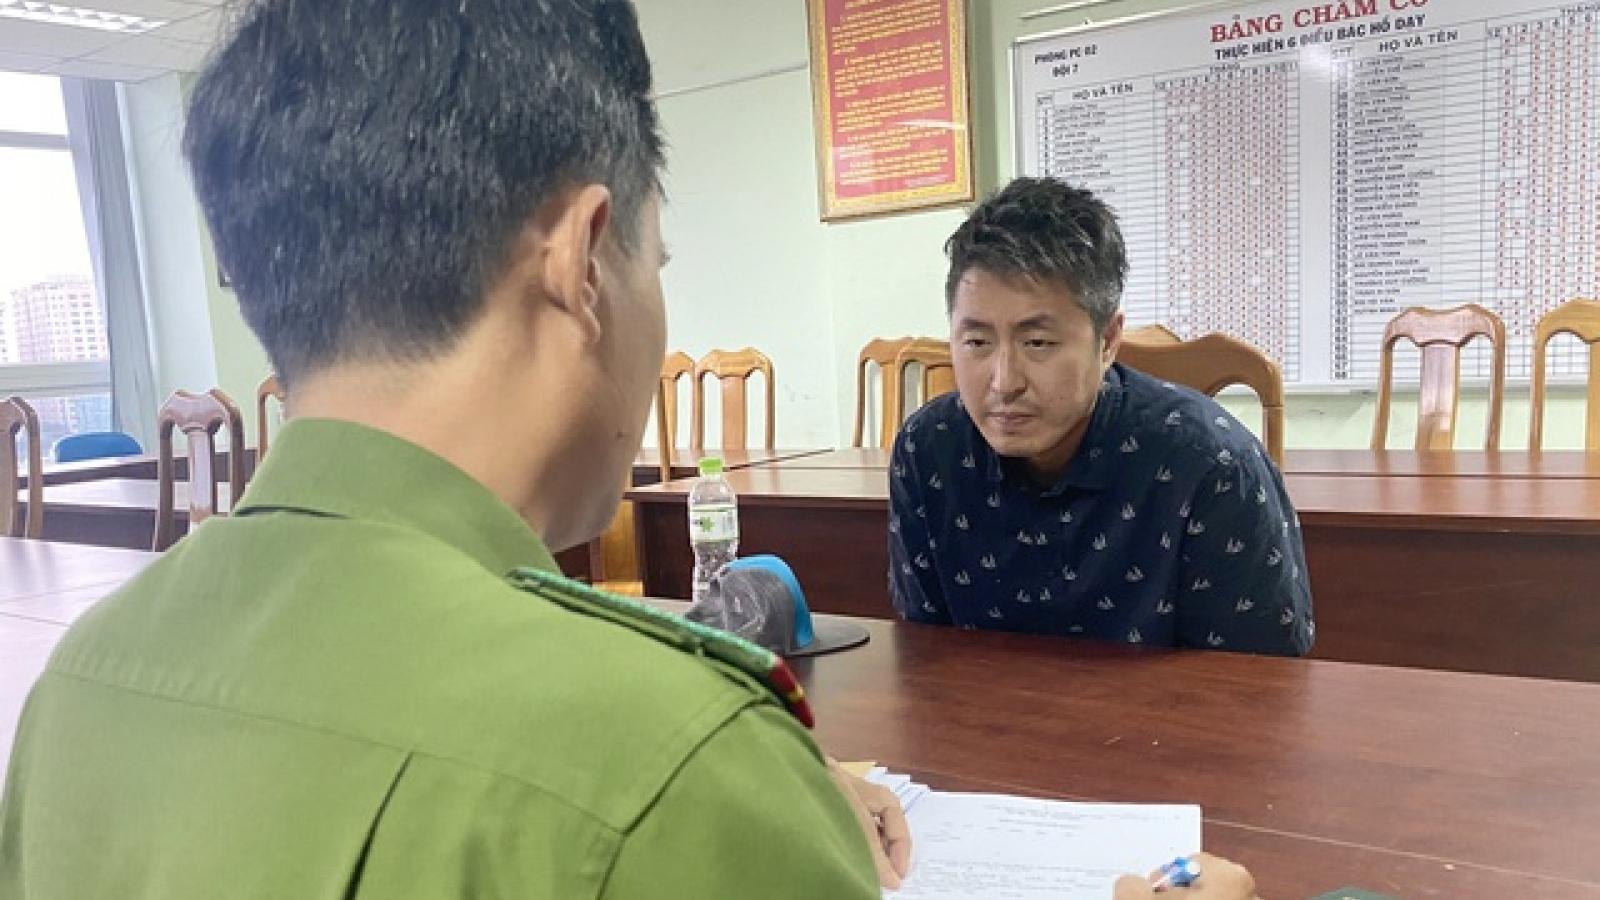 Gã giám đốc Hàn Quốc dùng 10 viên thuốc ngủ, 9 găng tay để sát hại bạn